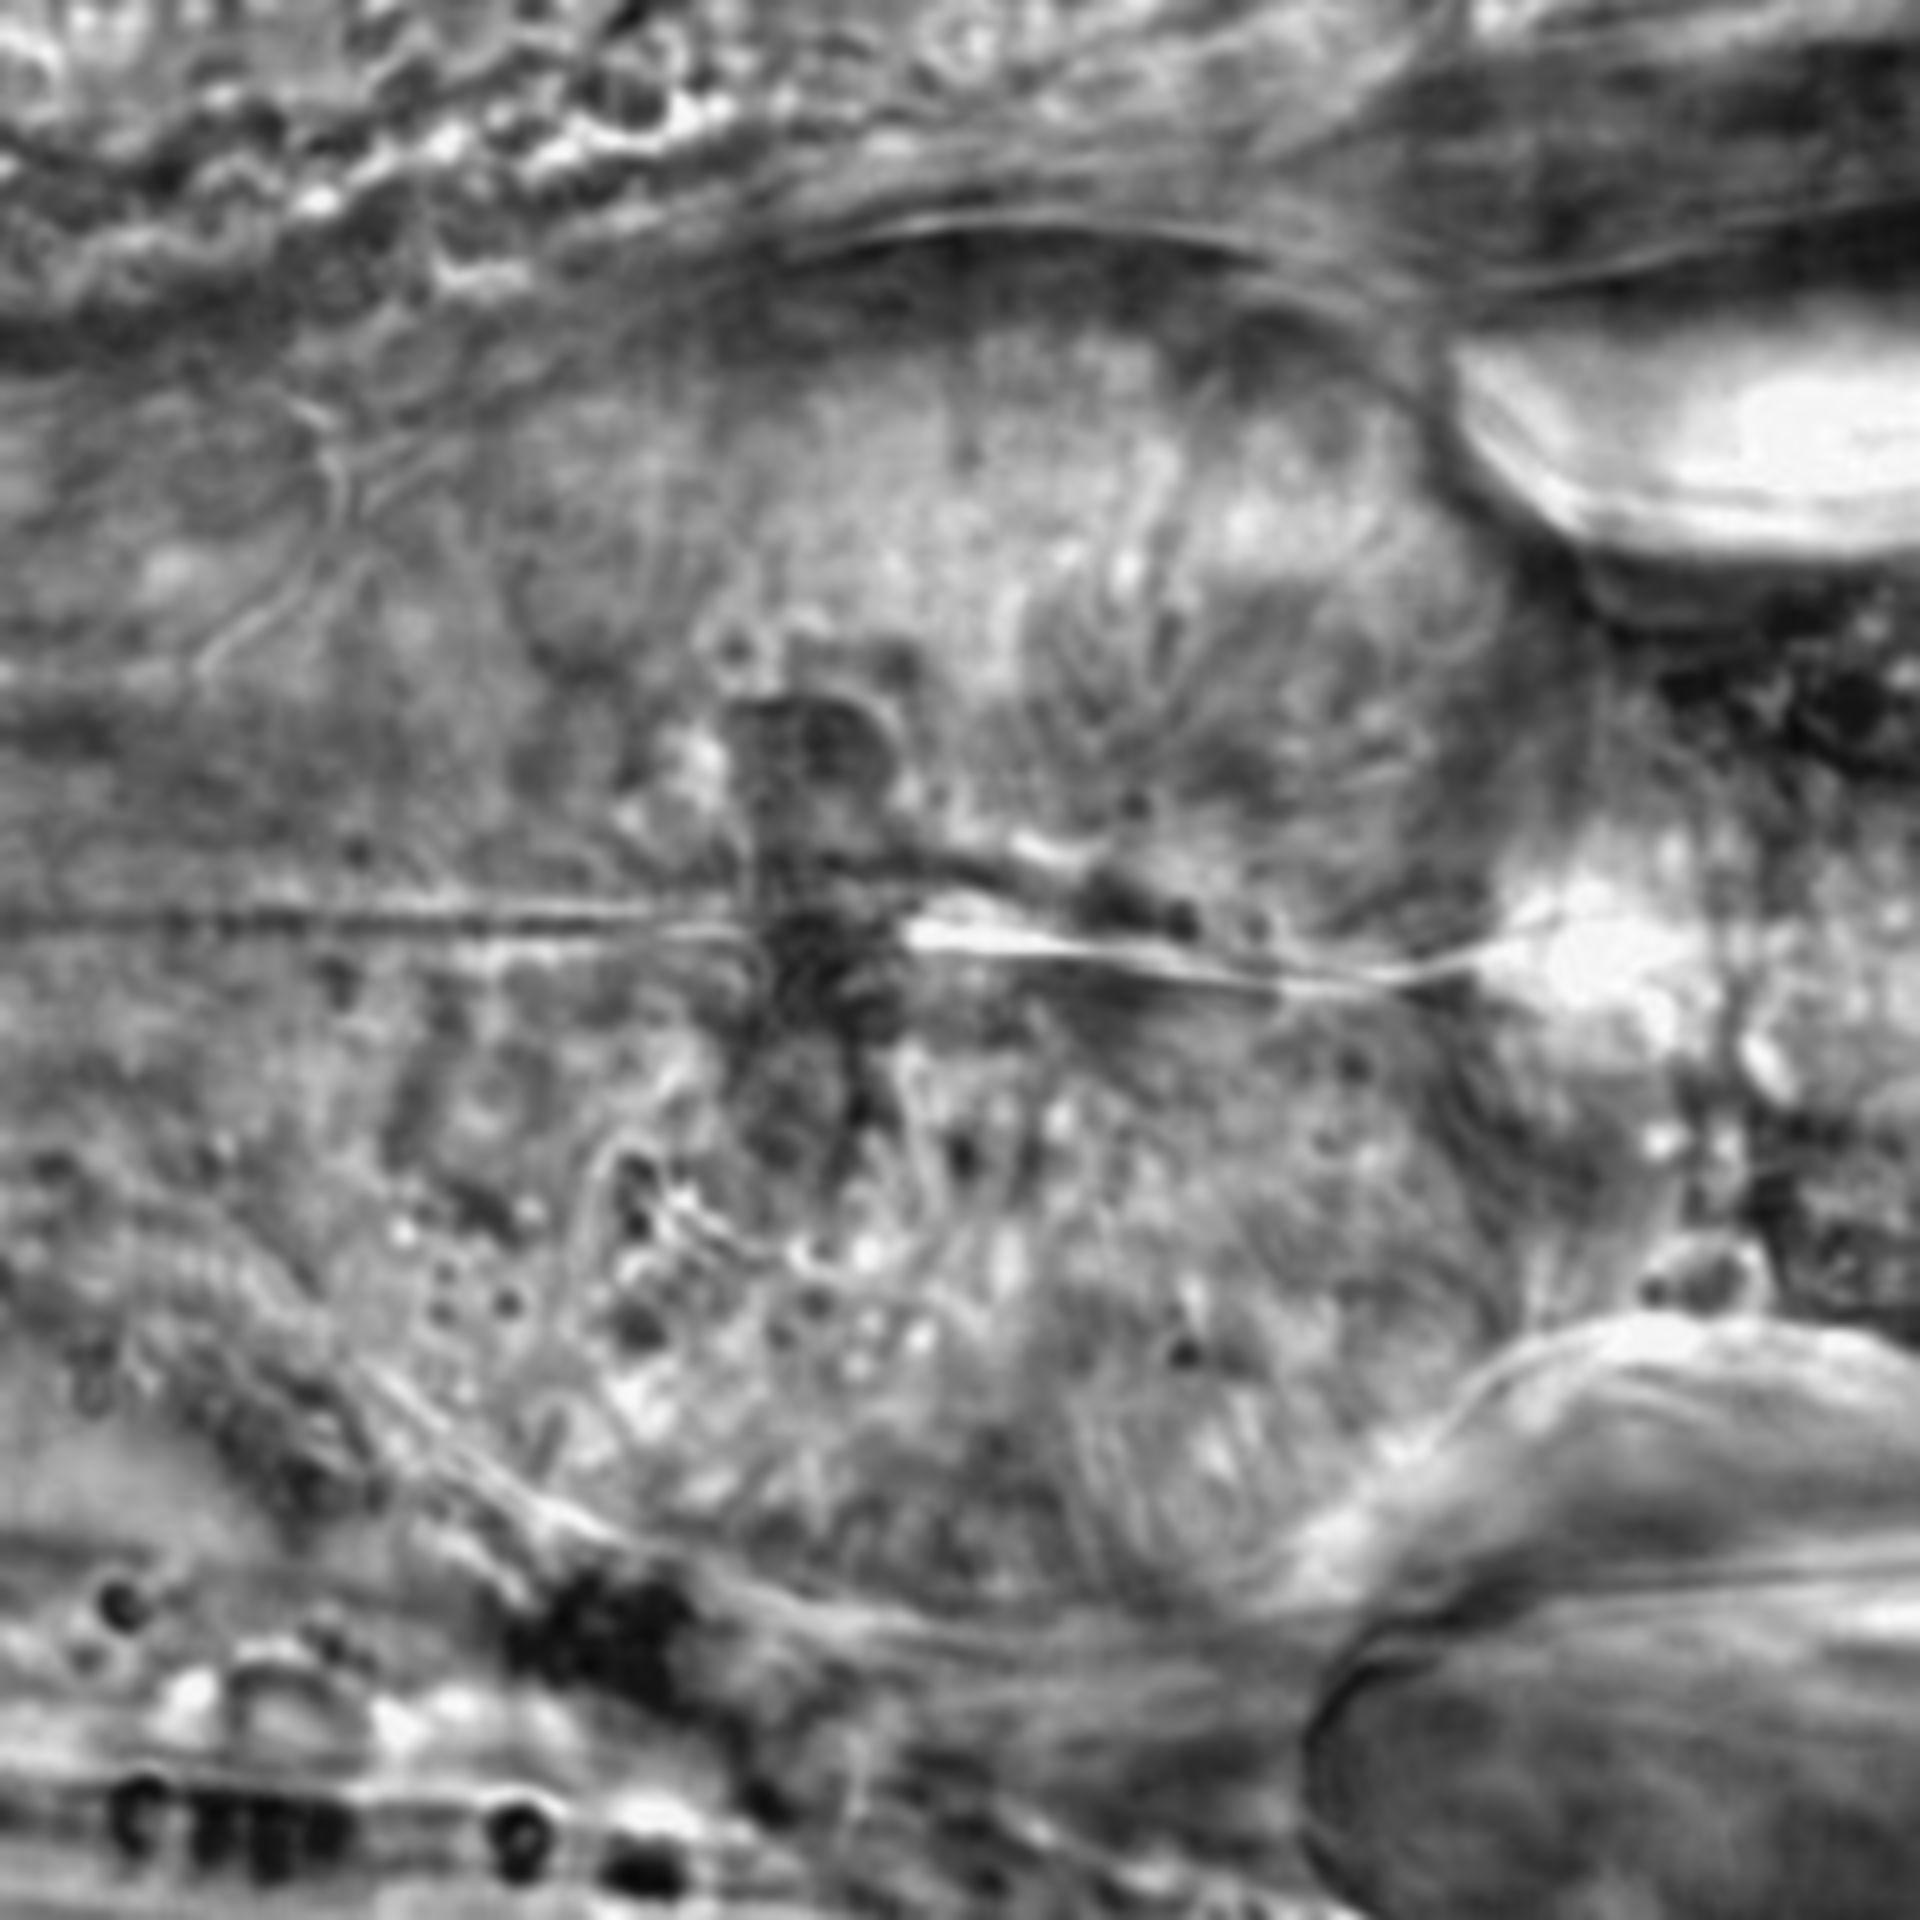 Caenorhabditis elegans - CIL:1929